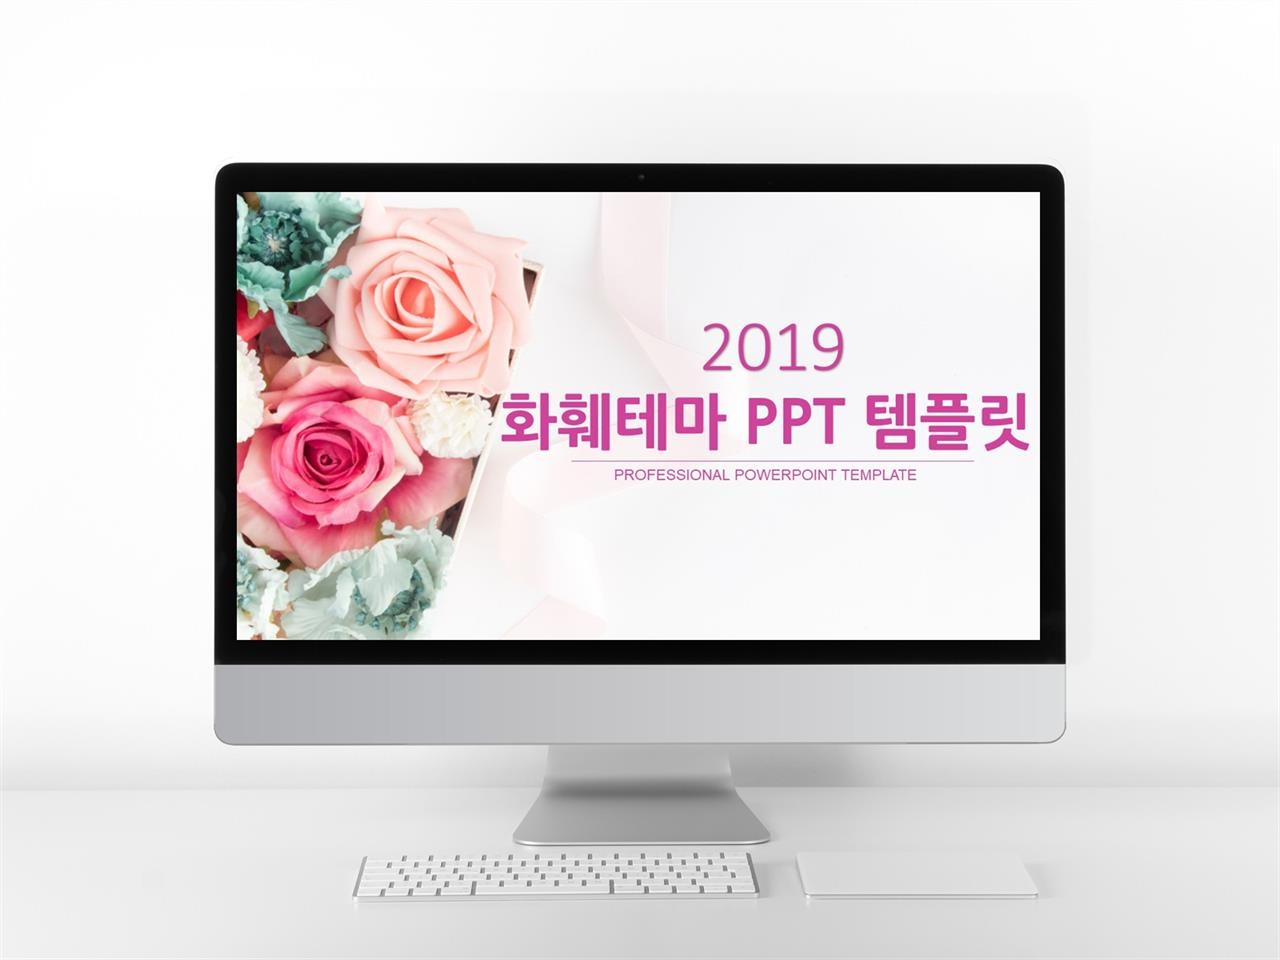 꽃과 동식물 주제 빨강색 귀여운 발표용 PPT탬플릿 다운 미리보기